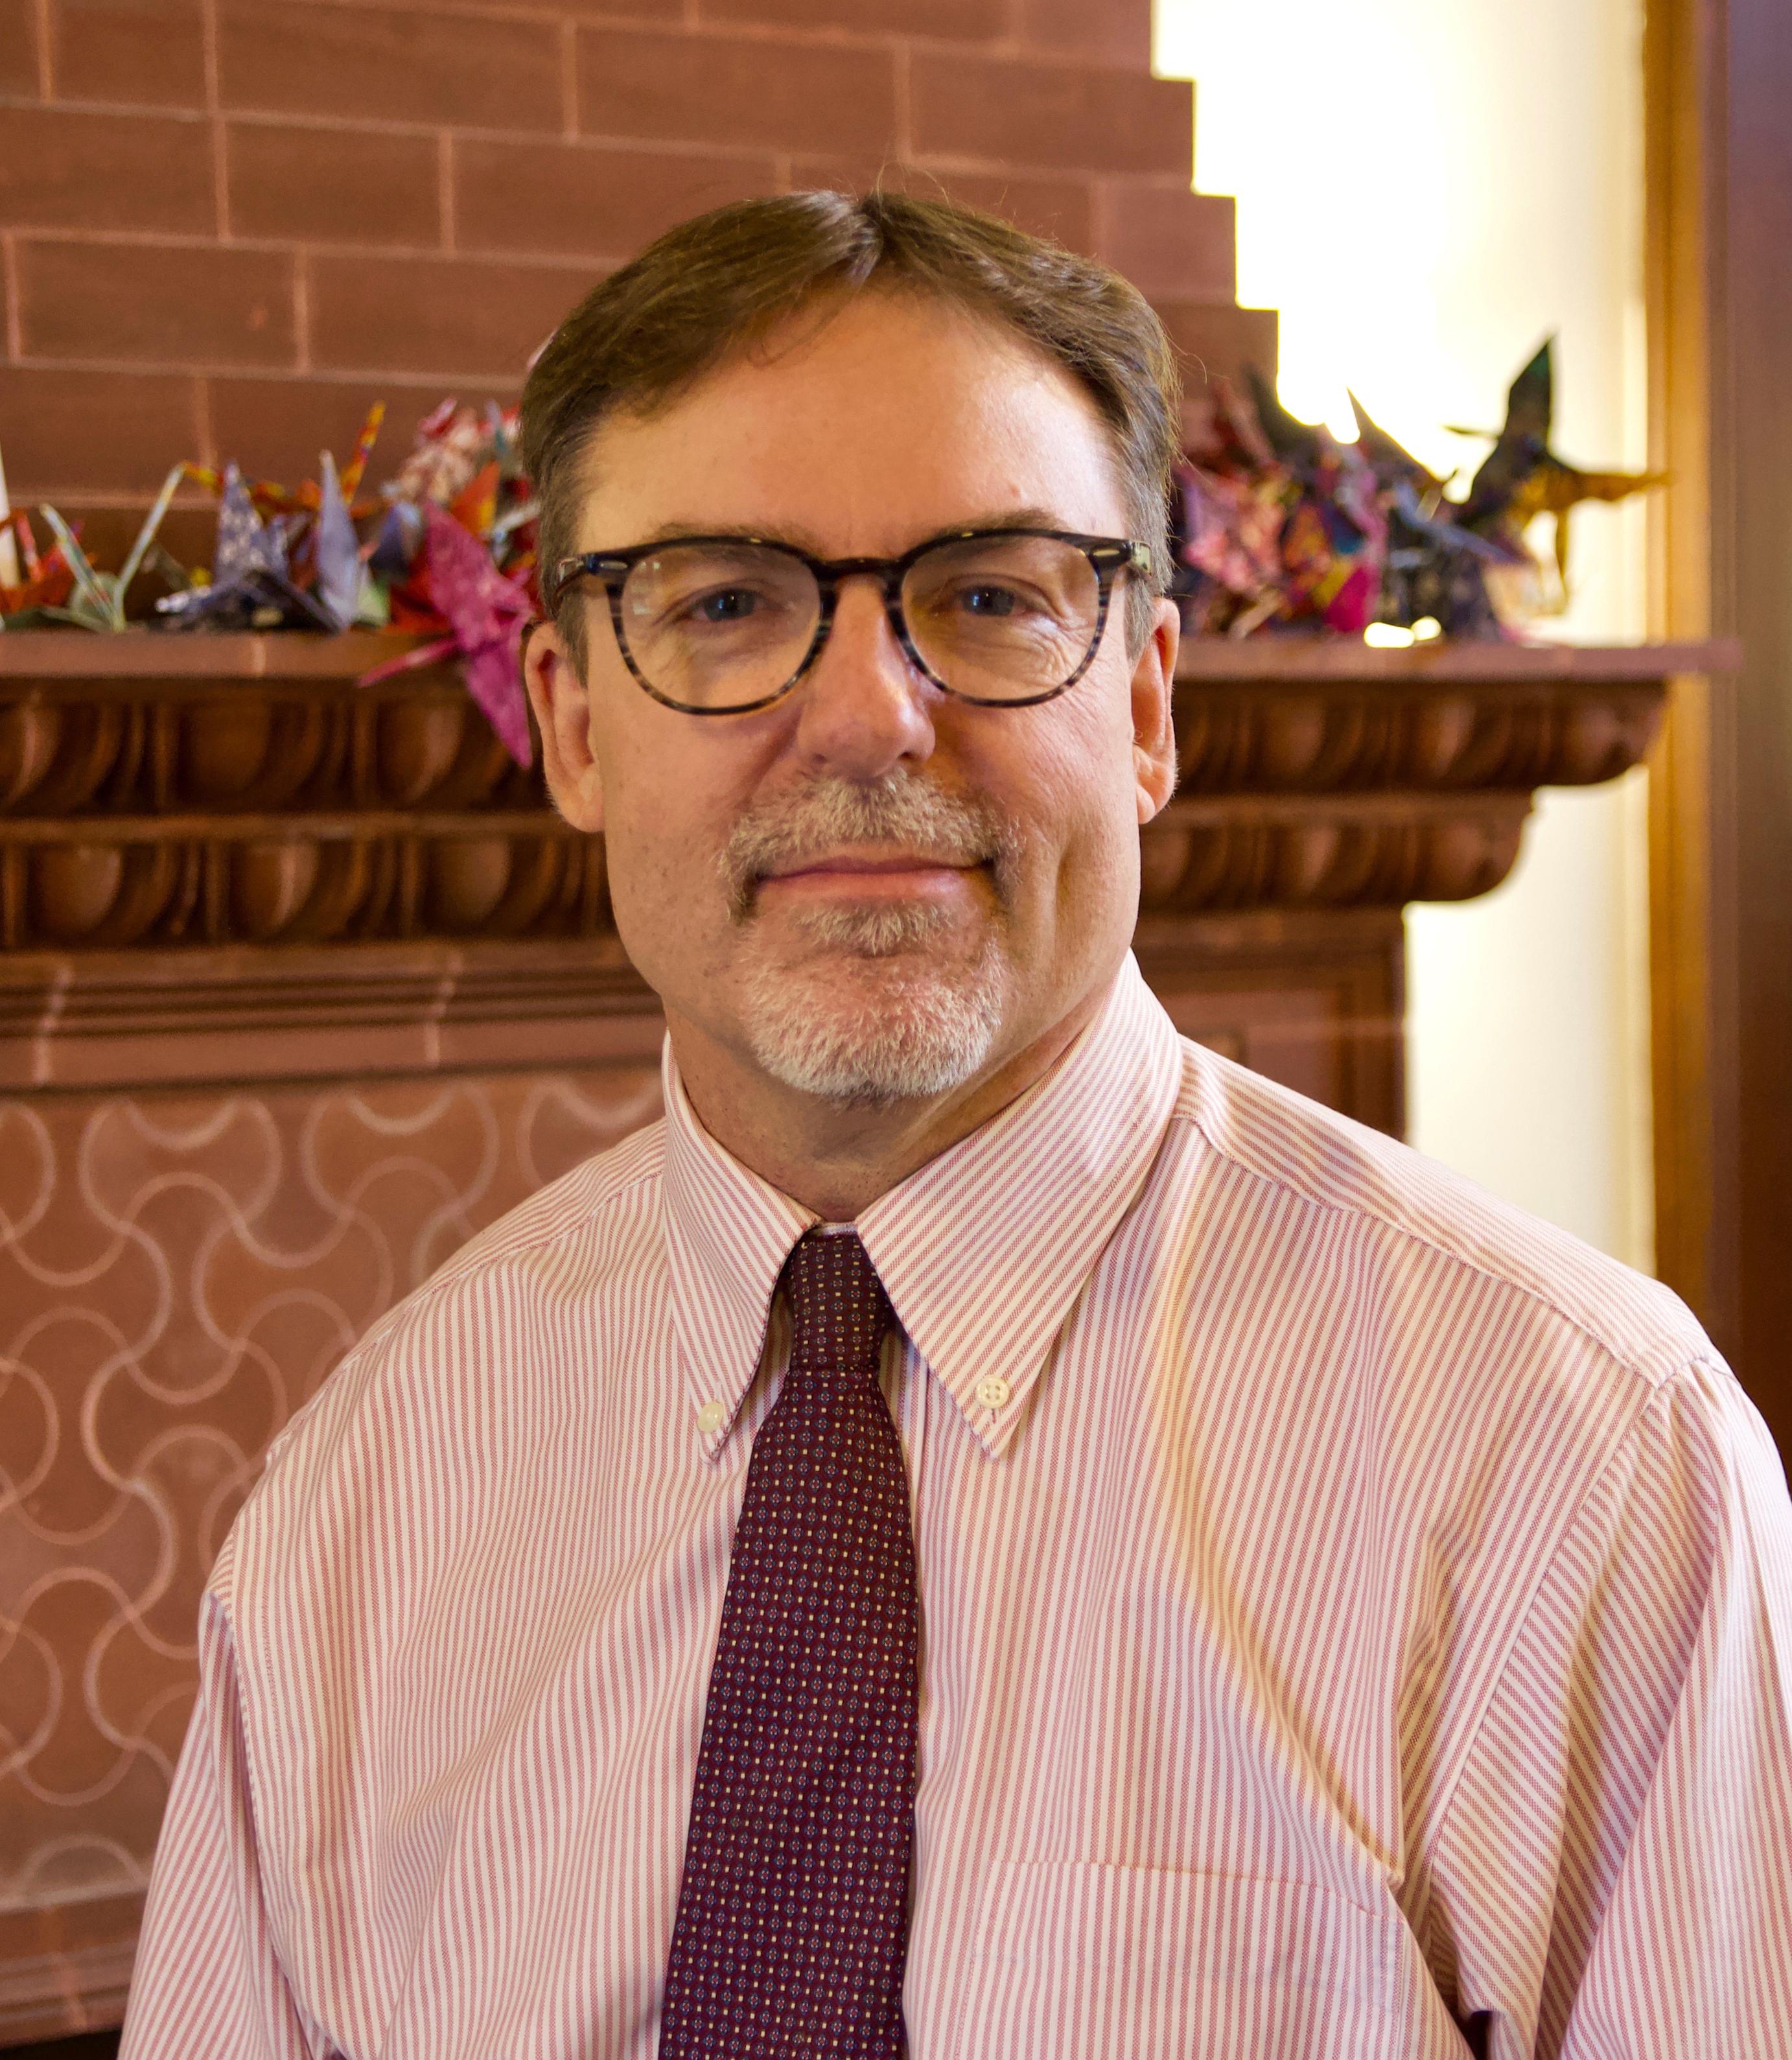 John Jordan, Academic Director, at Drew